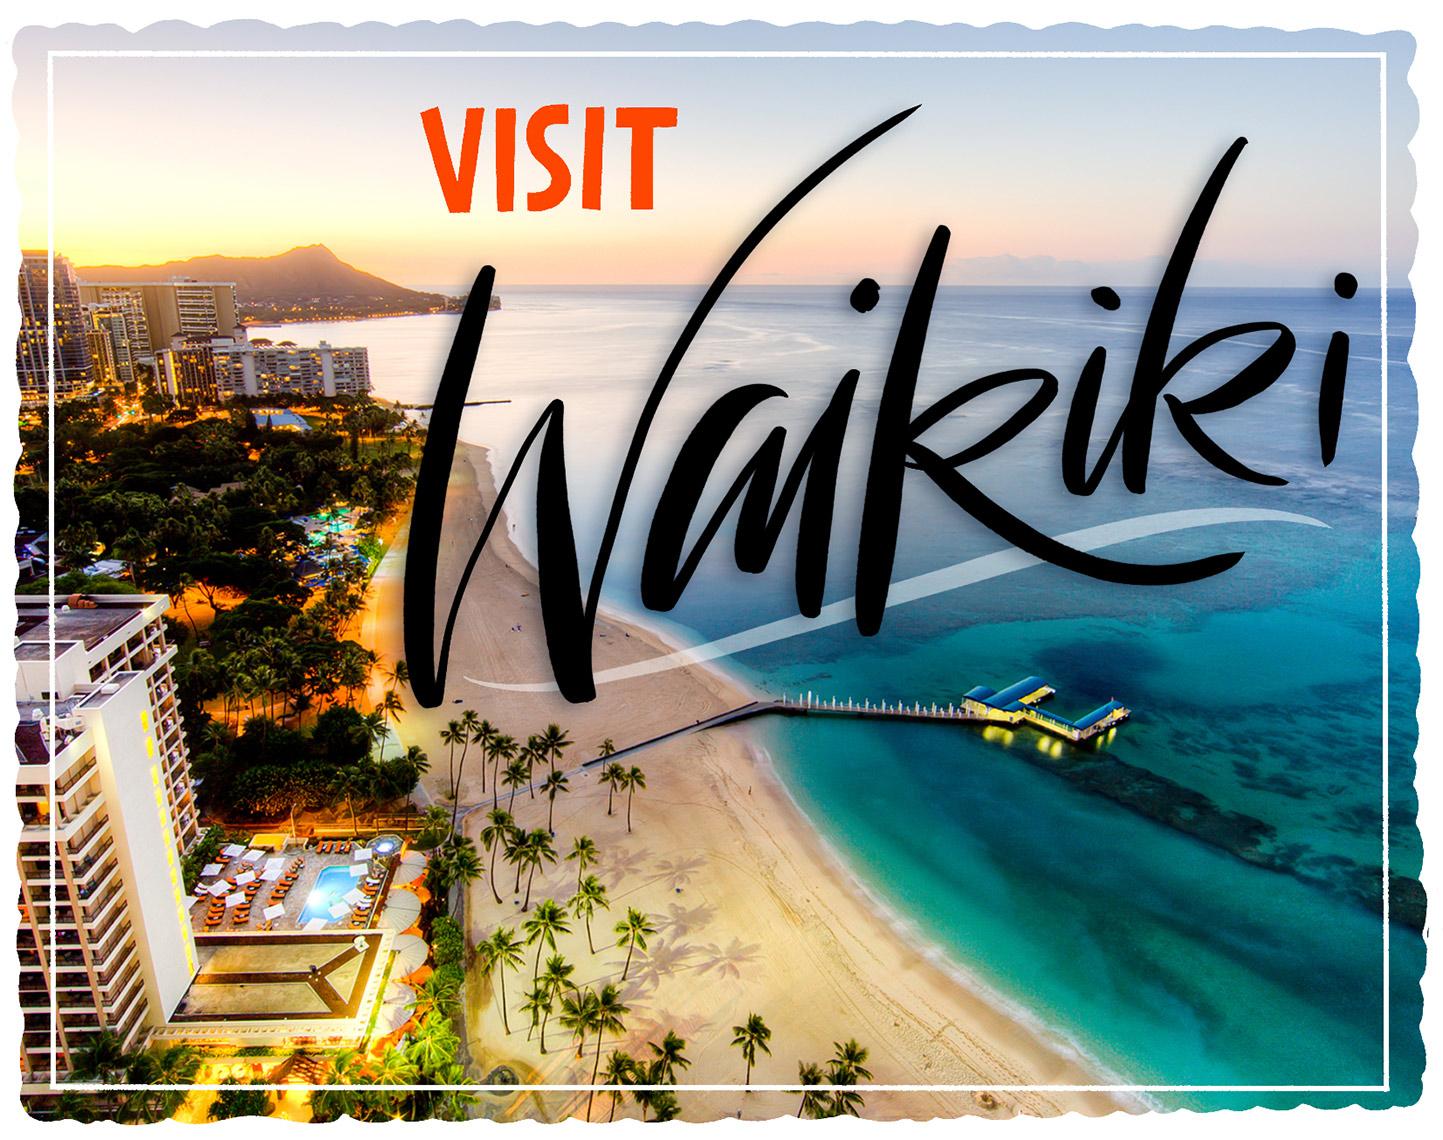 WSJ_Card_Waikiki.jpg